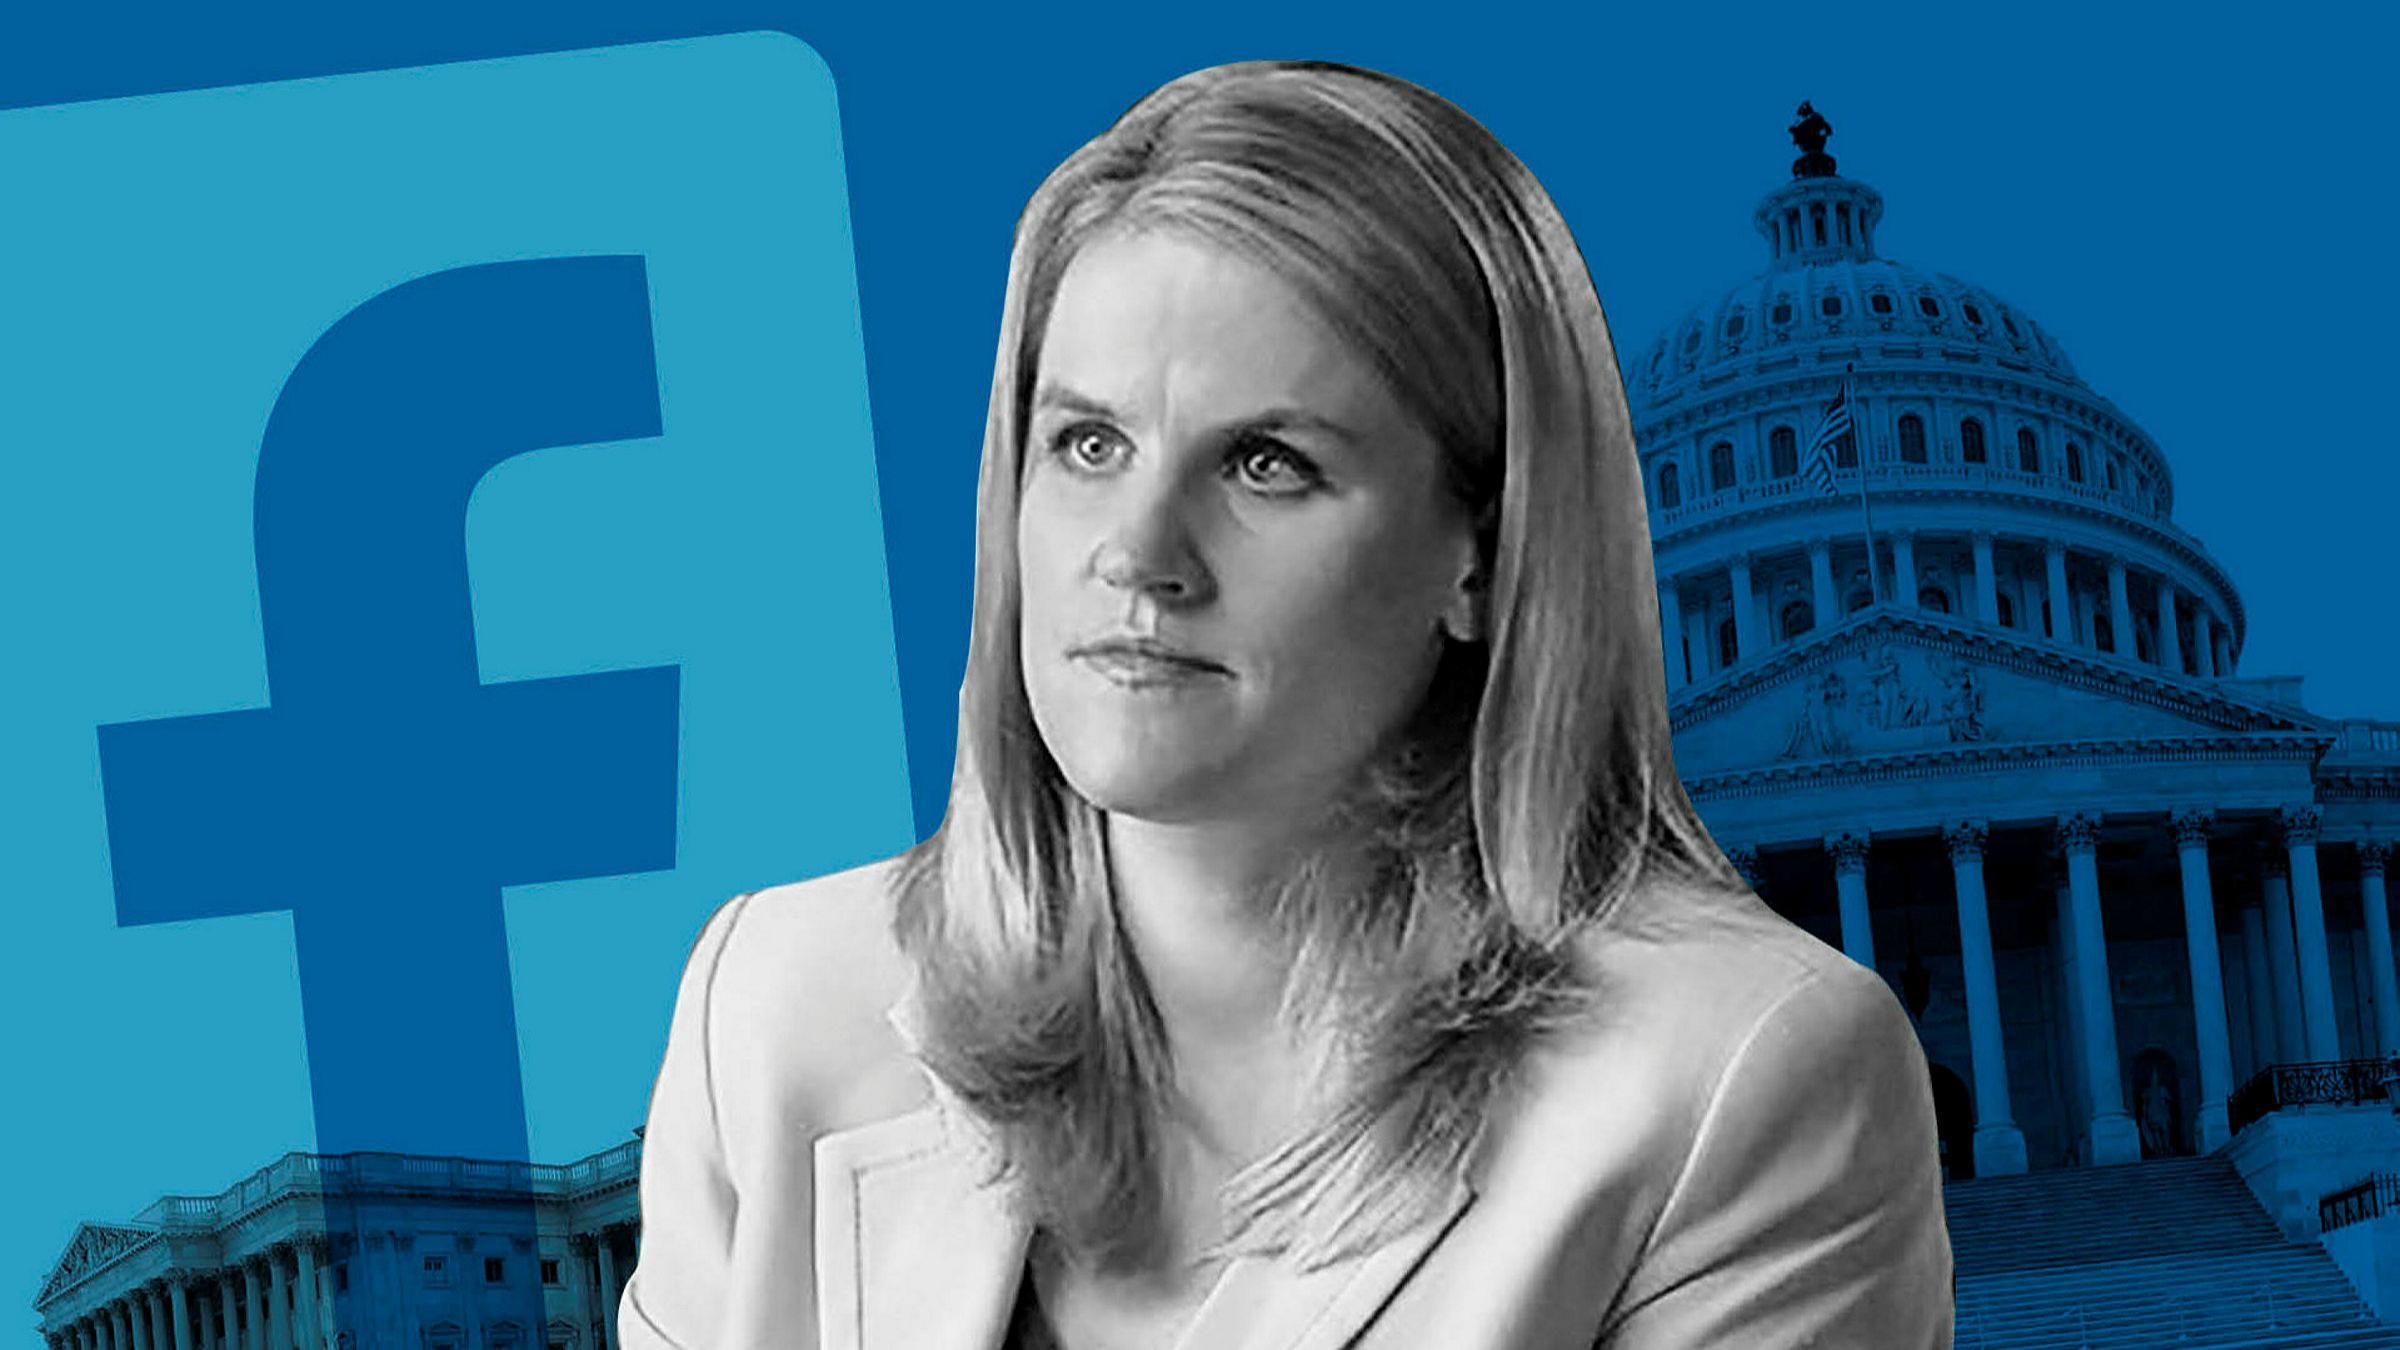 Quốc hội Mỹ nói gì về cáo buộc